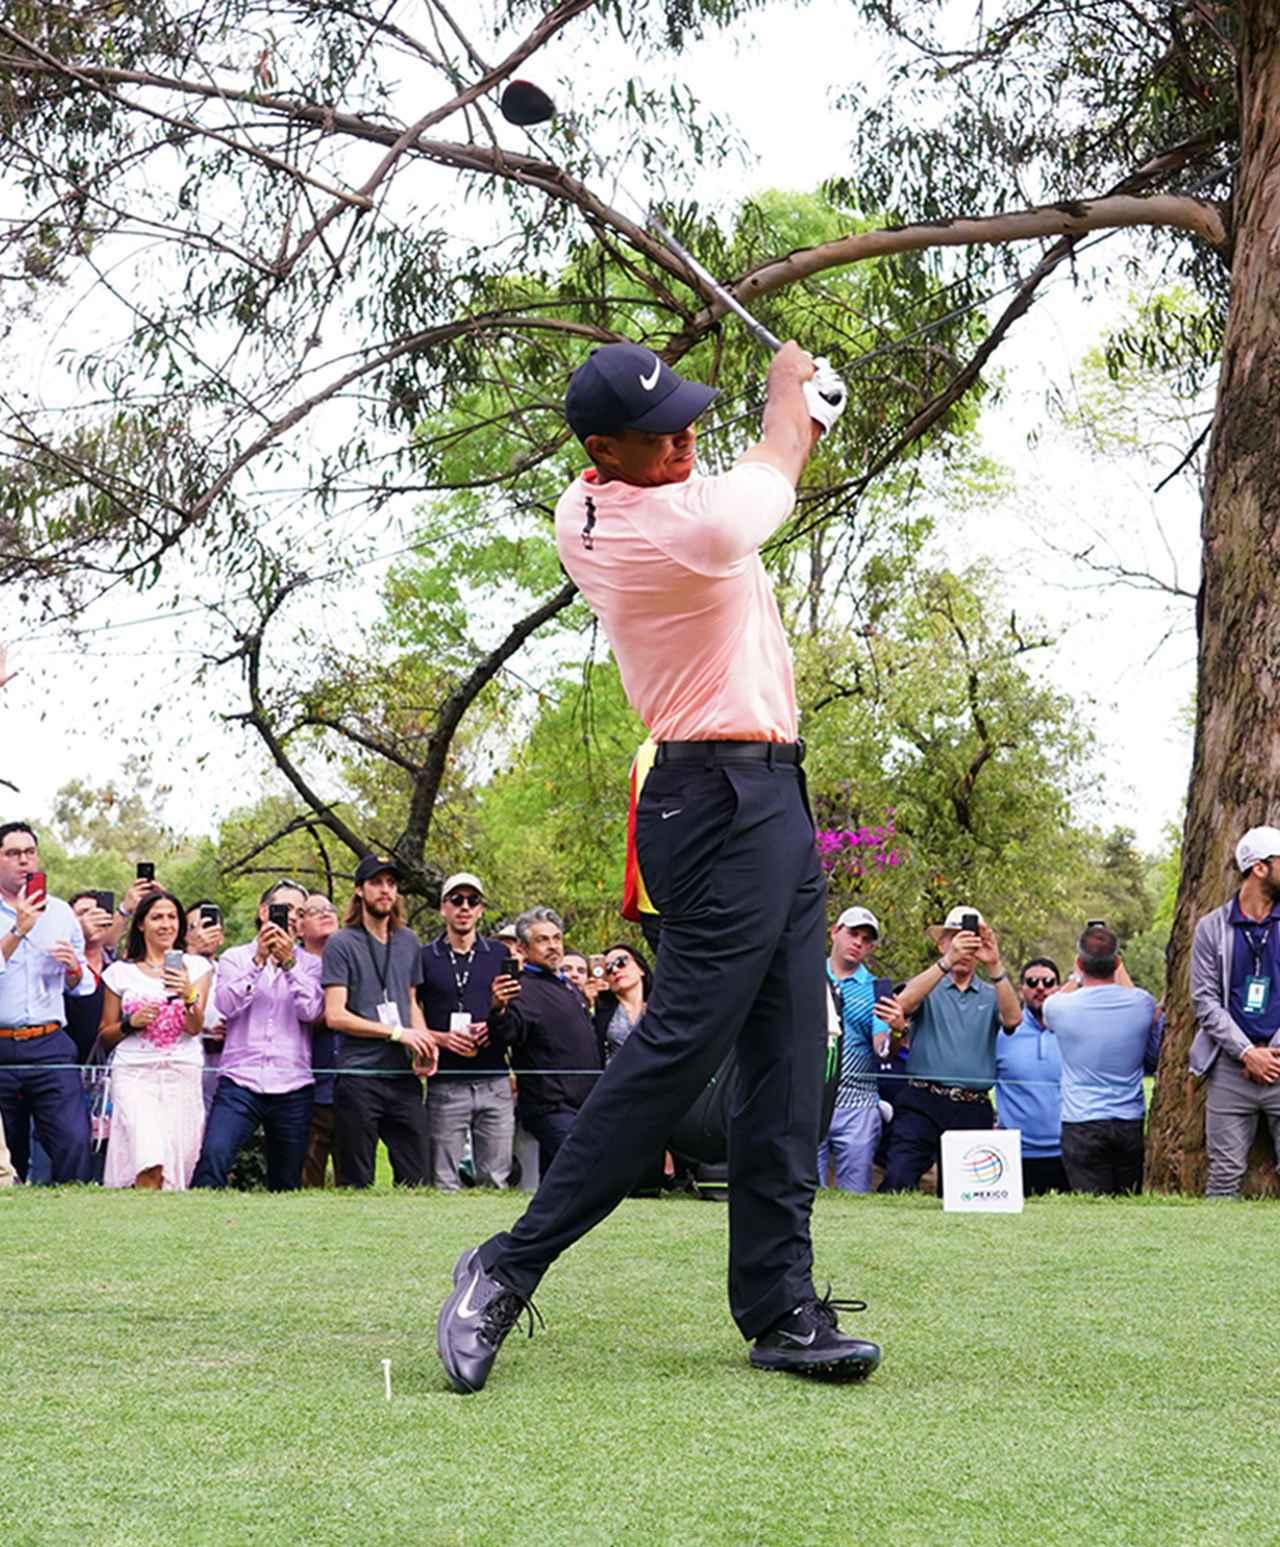 画像24: 【平成スウィング変遷史②】タイガー・ウッズが切り開いたパワーゴルフの時代